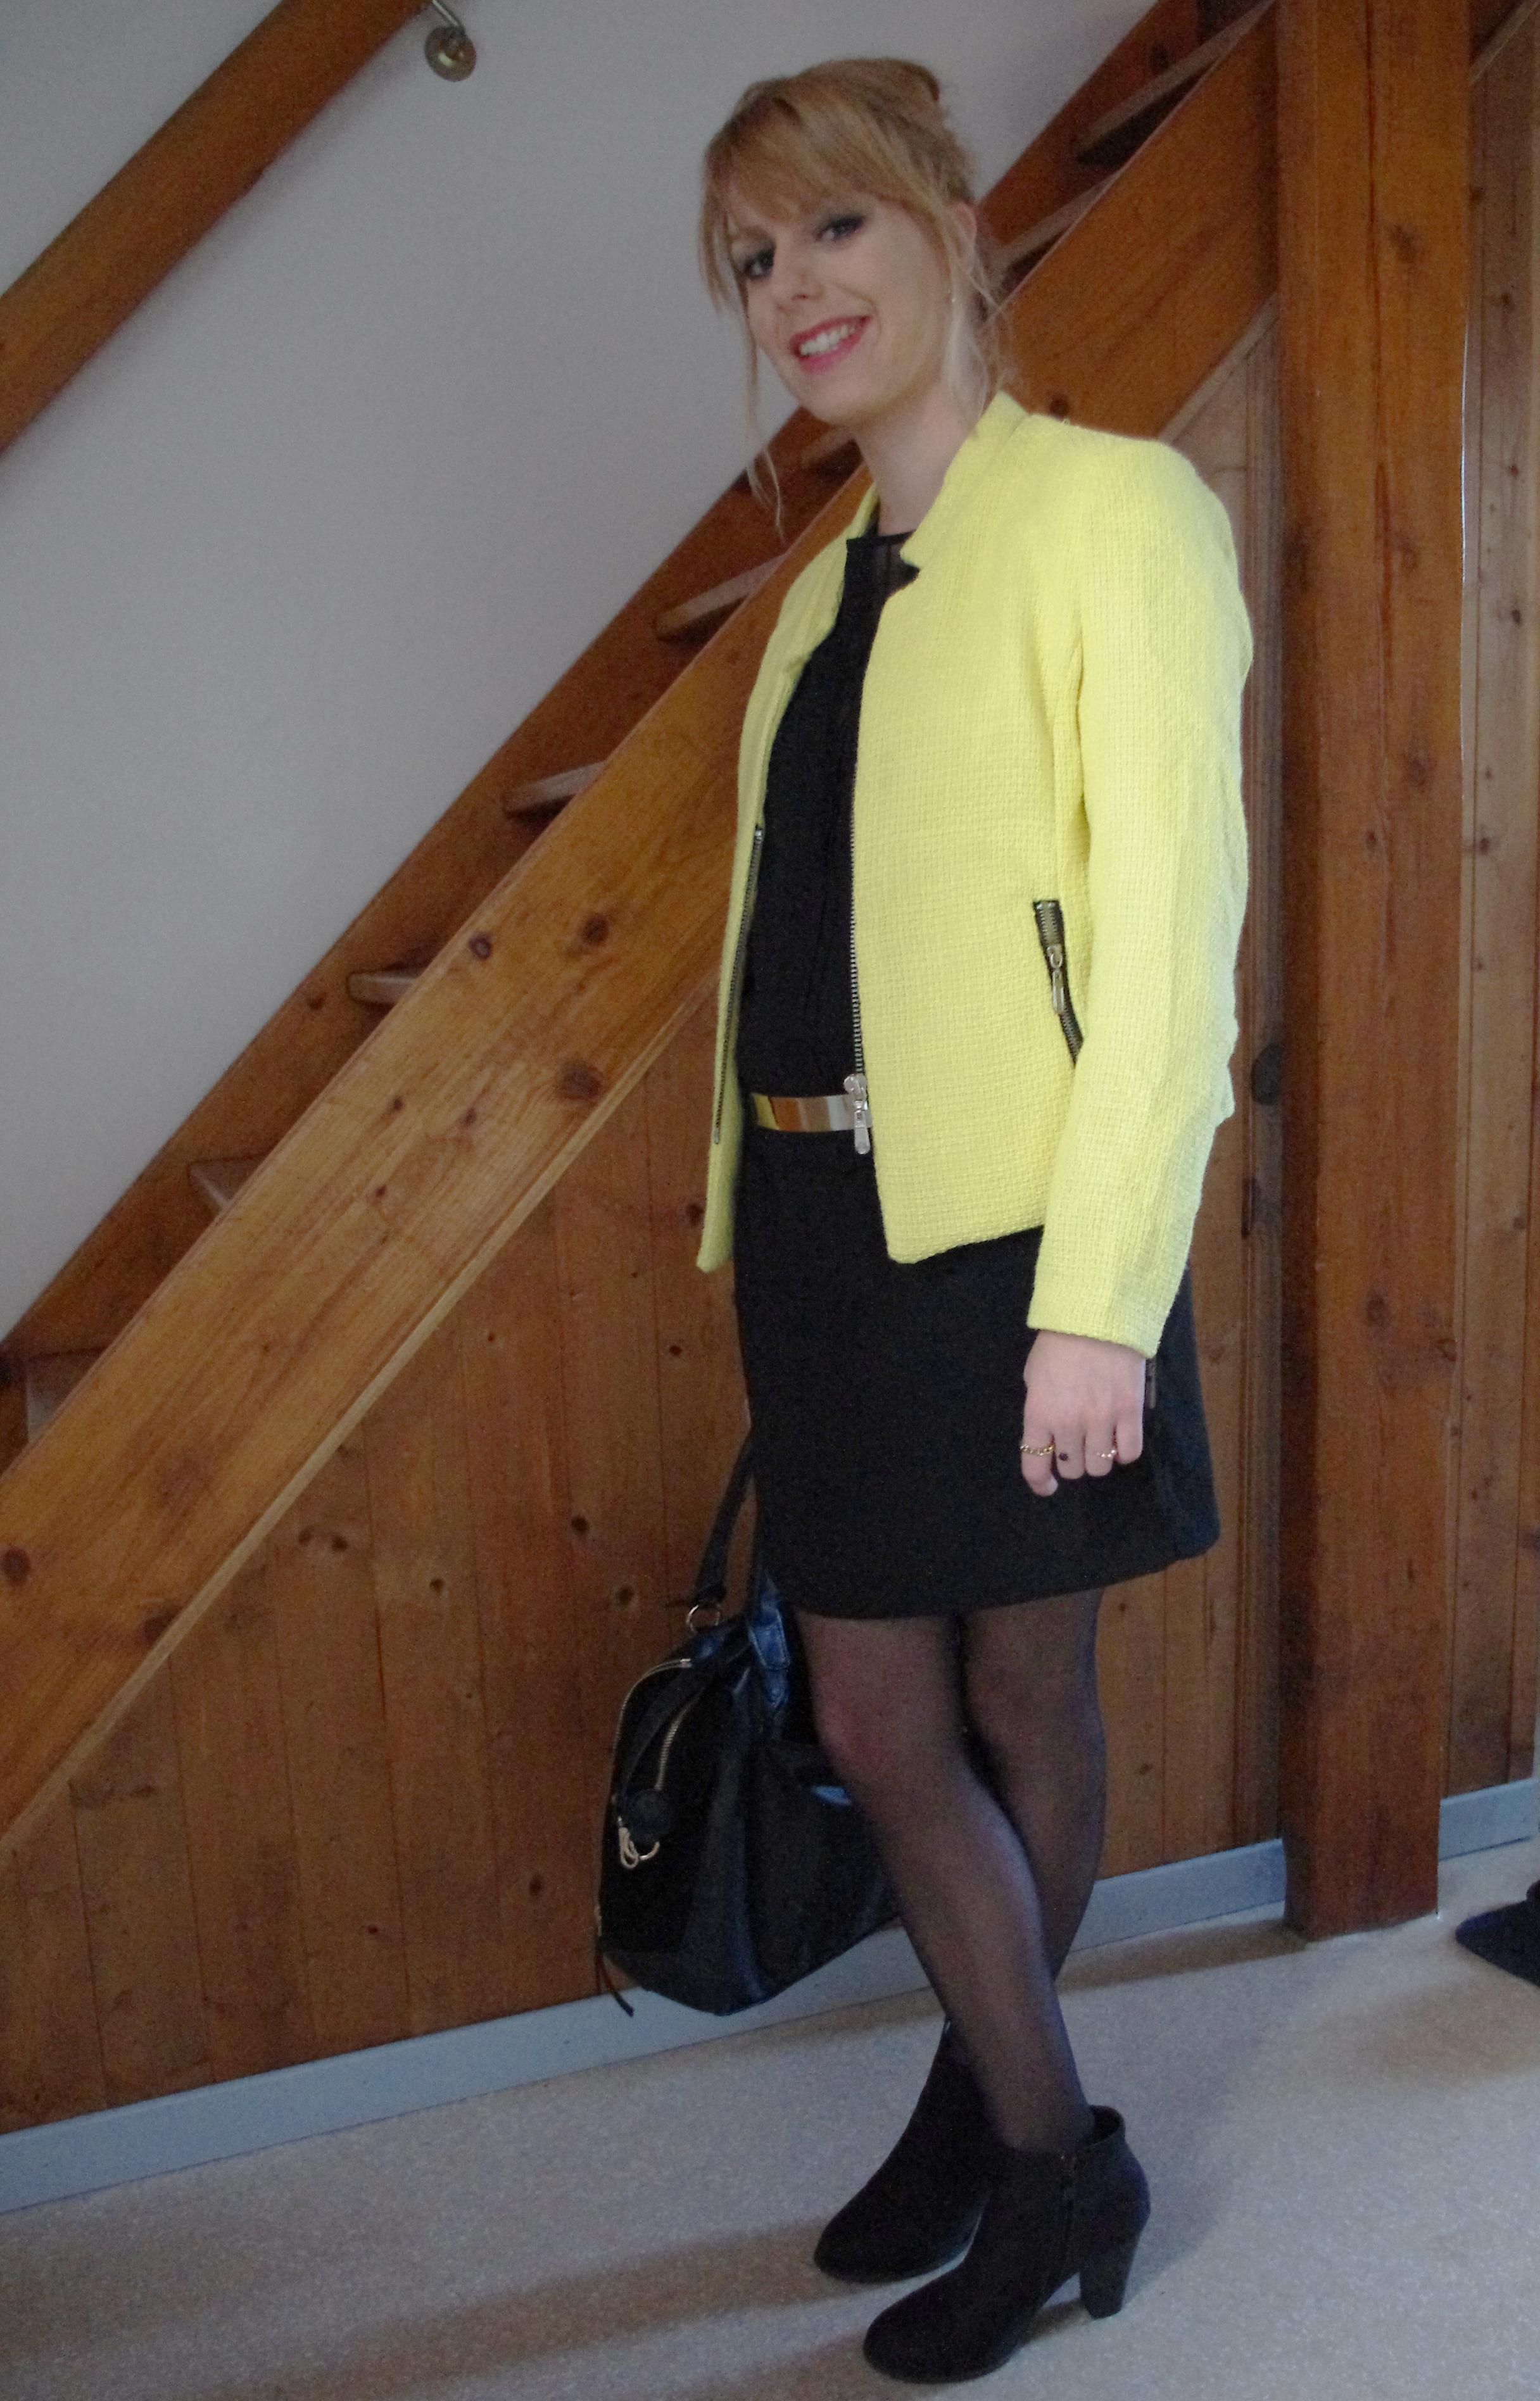 Veste jaune sur robe noire